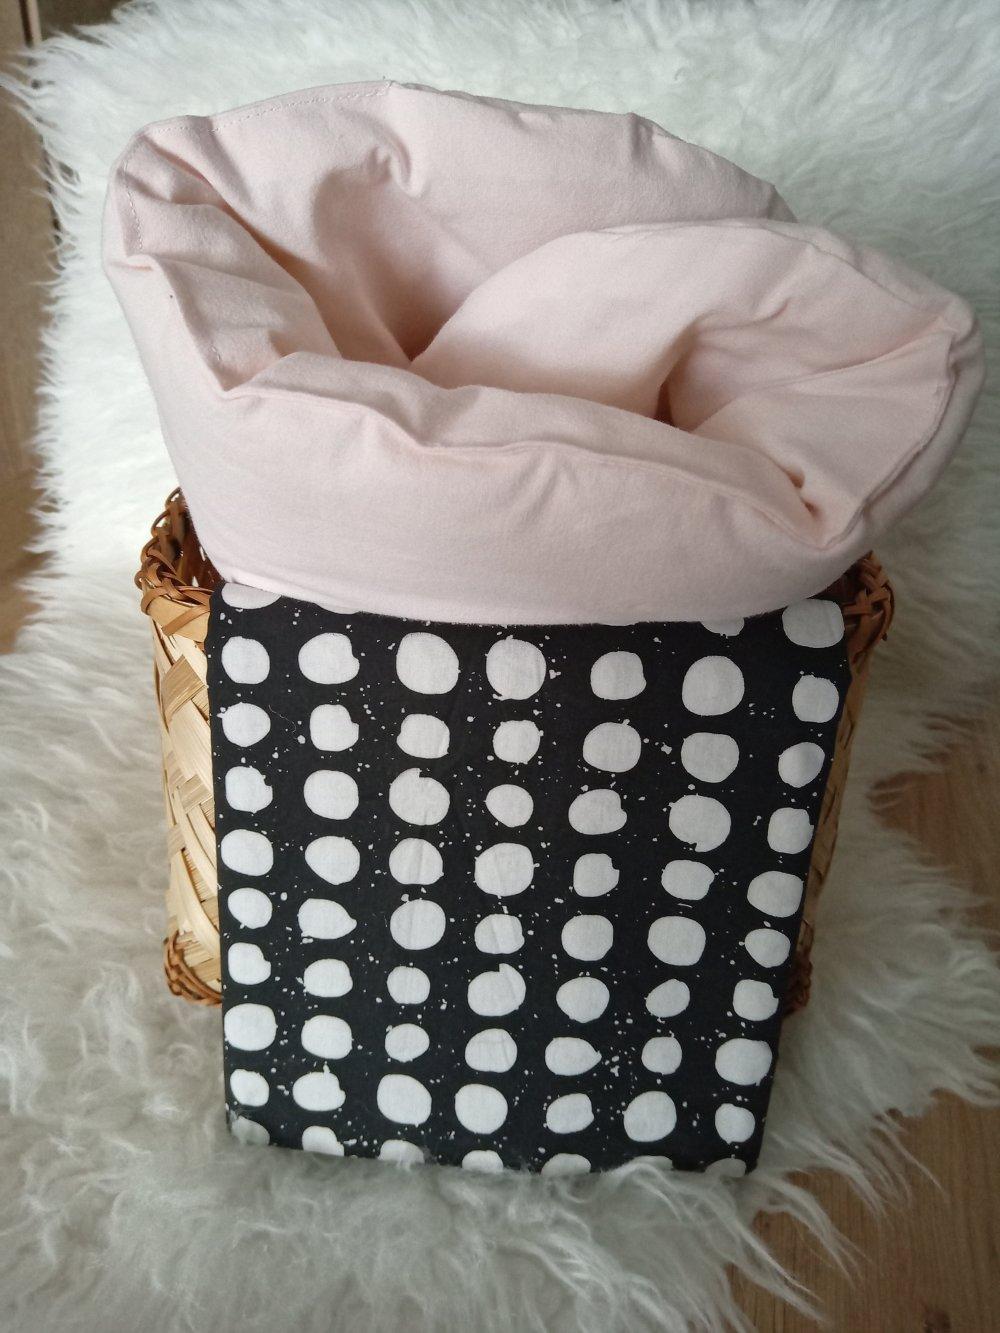 Topponcino (Montessori), petit matelas bébé en molleton de laine bio + 1 housse en coton Oeko-Tex